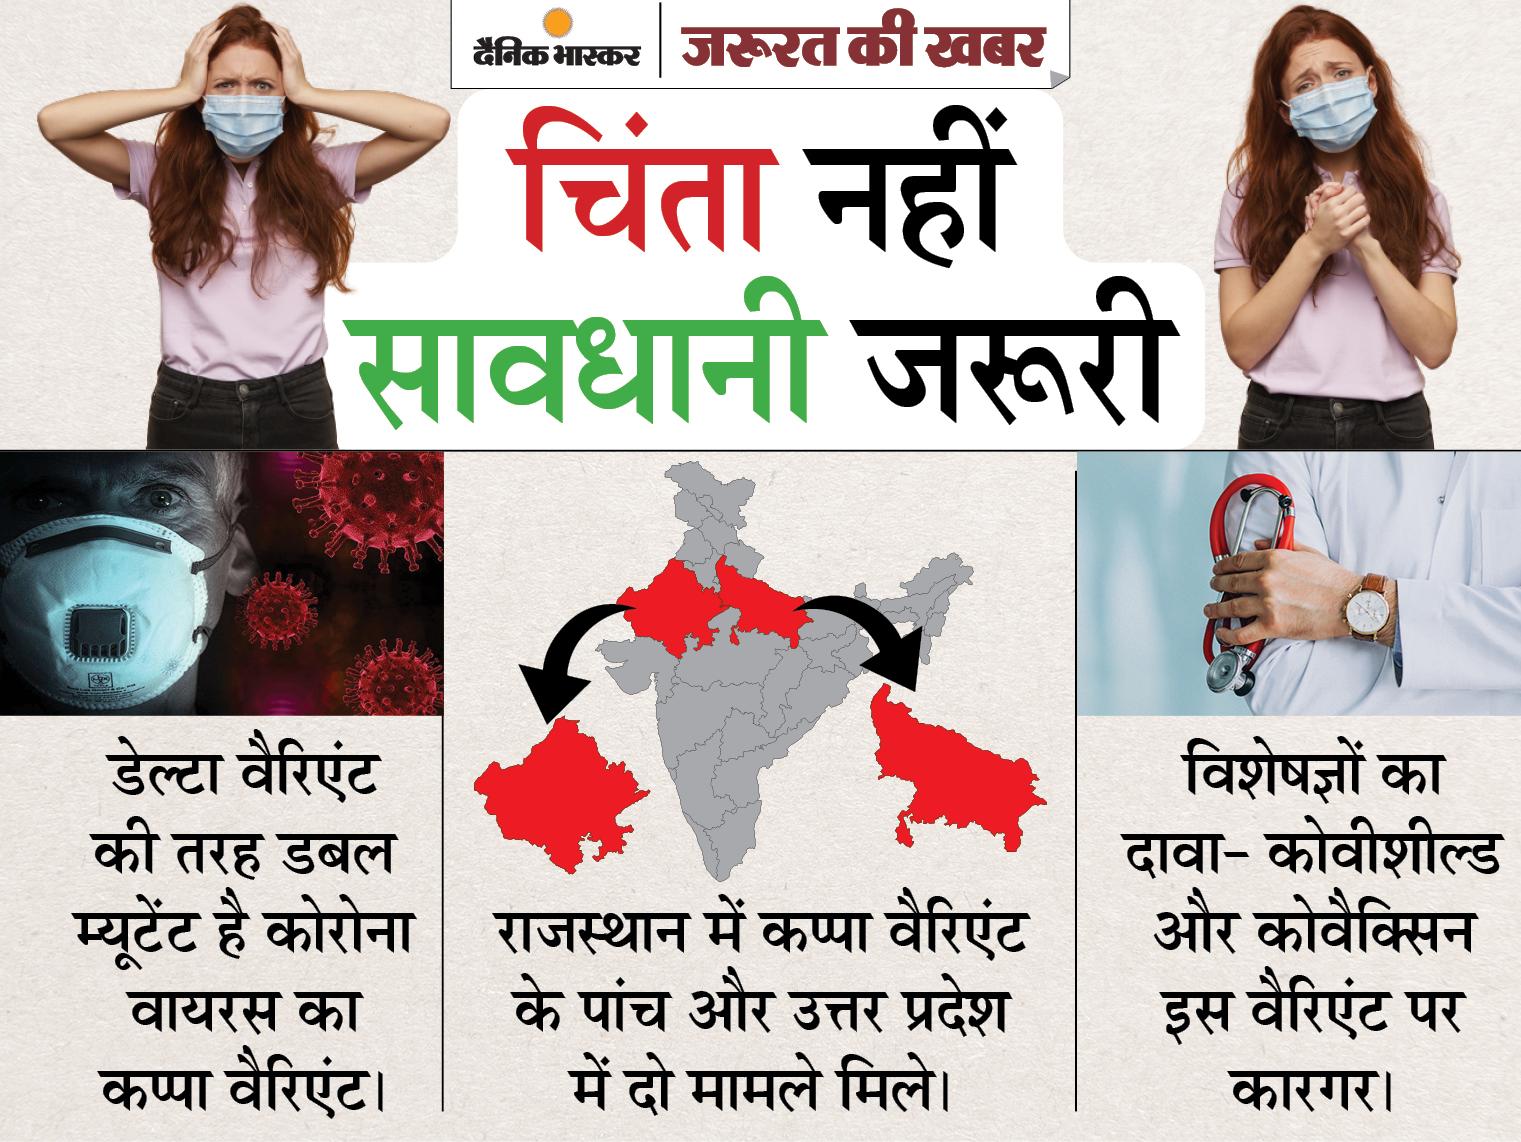 राजस्थान और यूपी में कोविड का नया वैरिएंट मिला, WHO ने माना है वैरिएंट ऑफ इंटरेस्ट; जानिए कप्पा से जुड़े हर सवाल का जवाब ज़रुरत की खबर,Zaroorat ki Khabar - Dainik Bhaskar